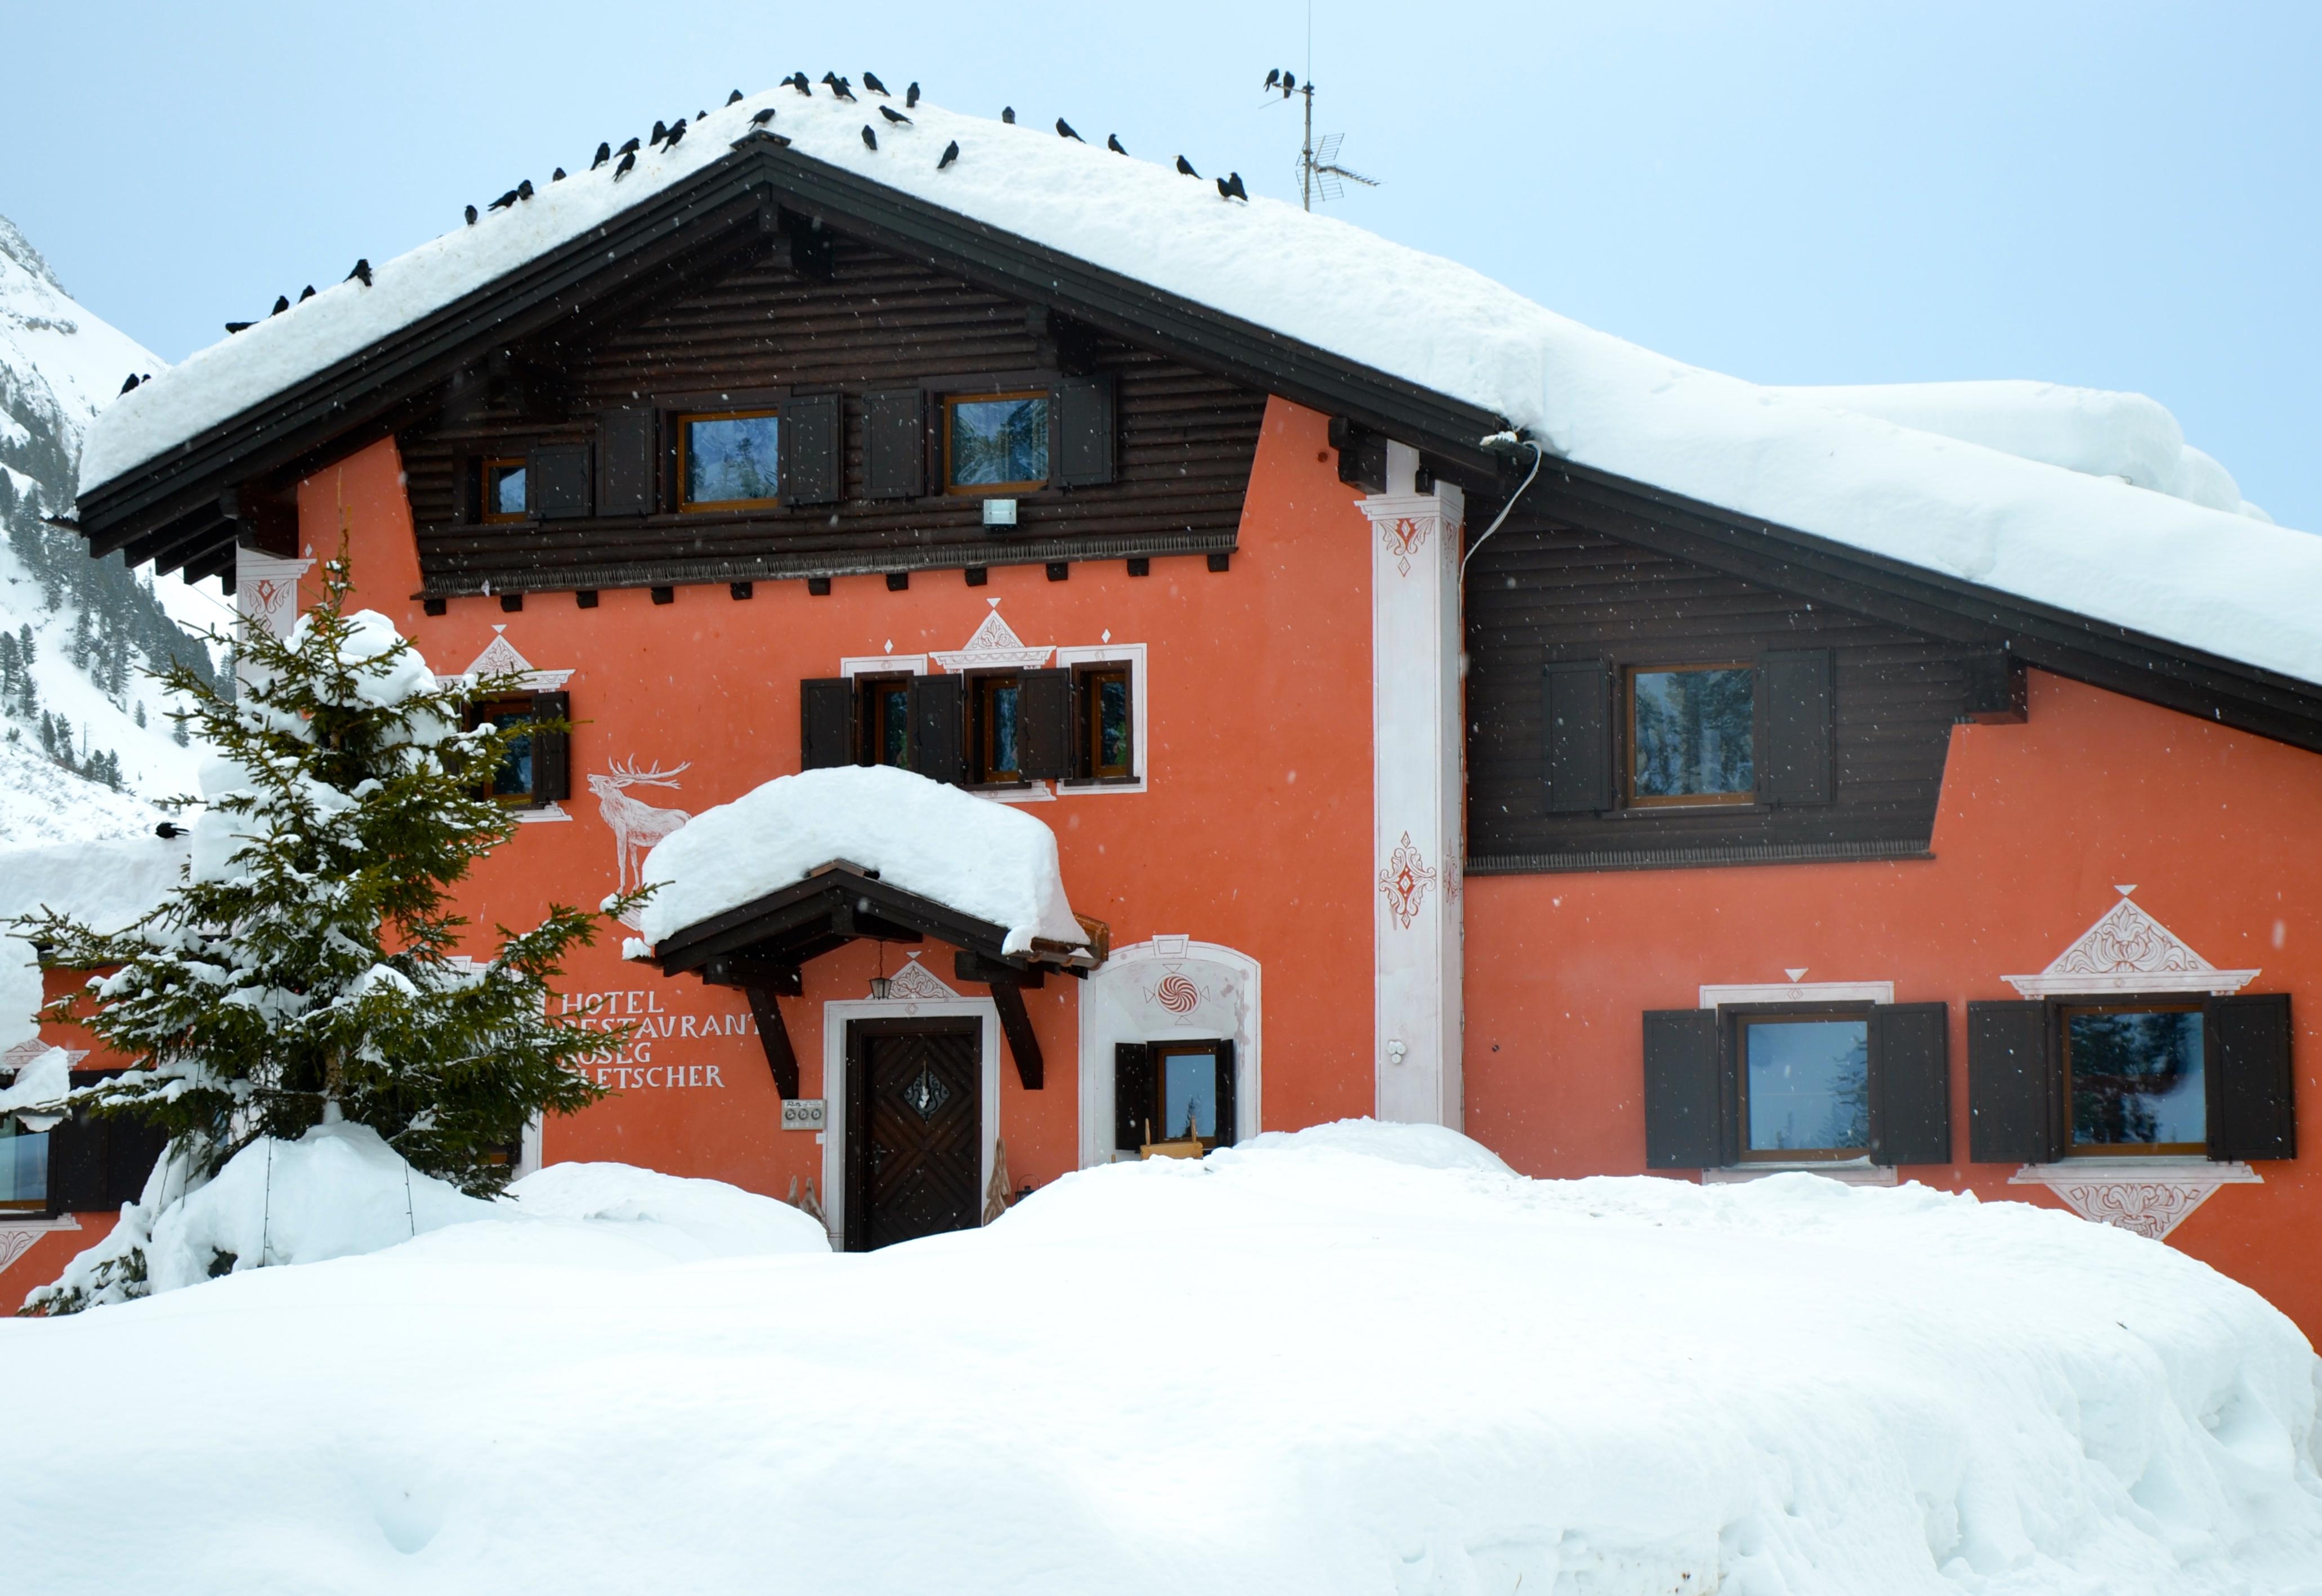 Restaurant Hotel Roseg Gletscher Slide 2